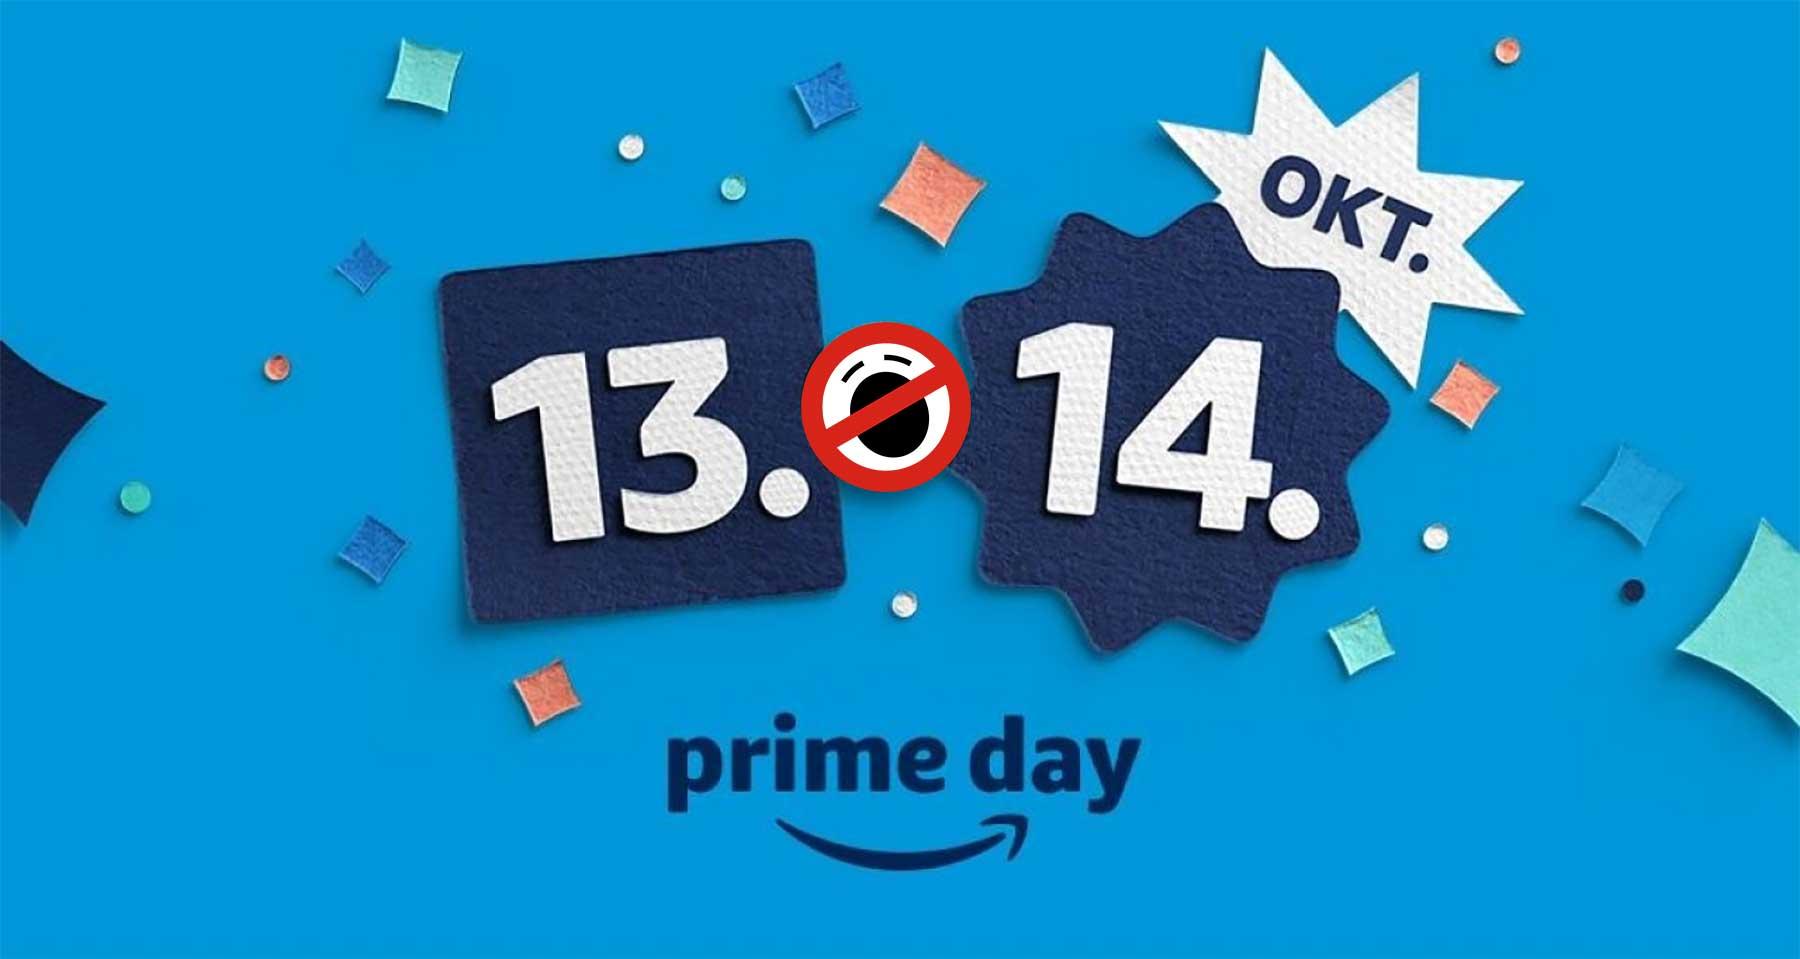 Amazon Prime Day: Unterstütze meinen Blog im Zuge der Schnäppchenjagd!